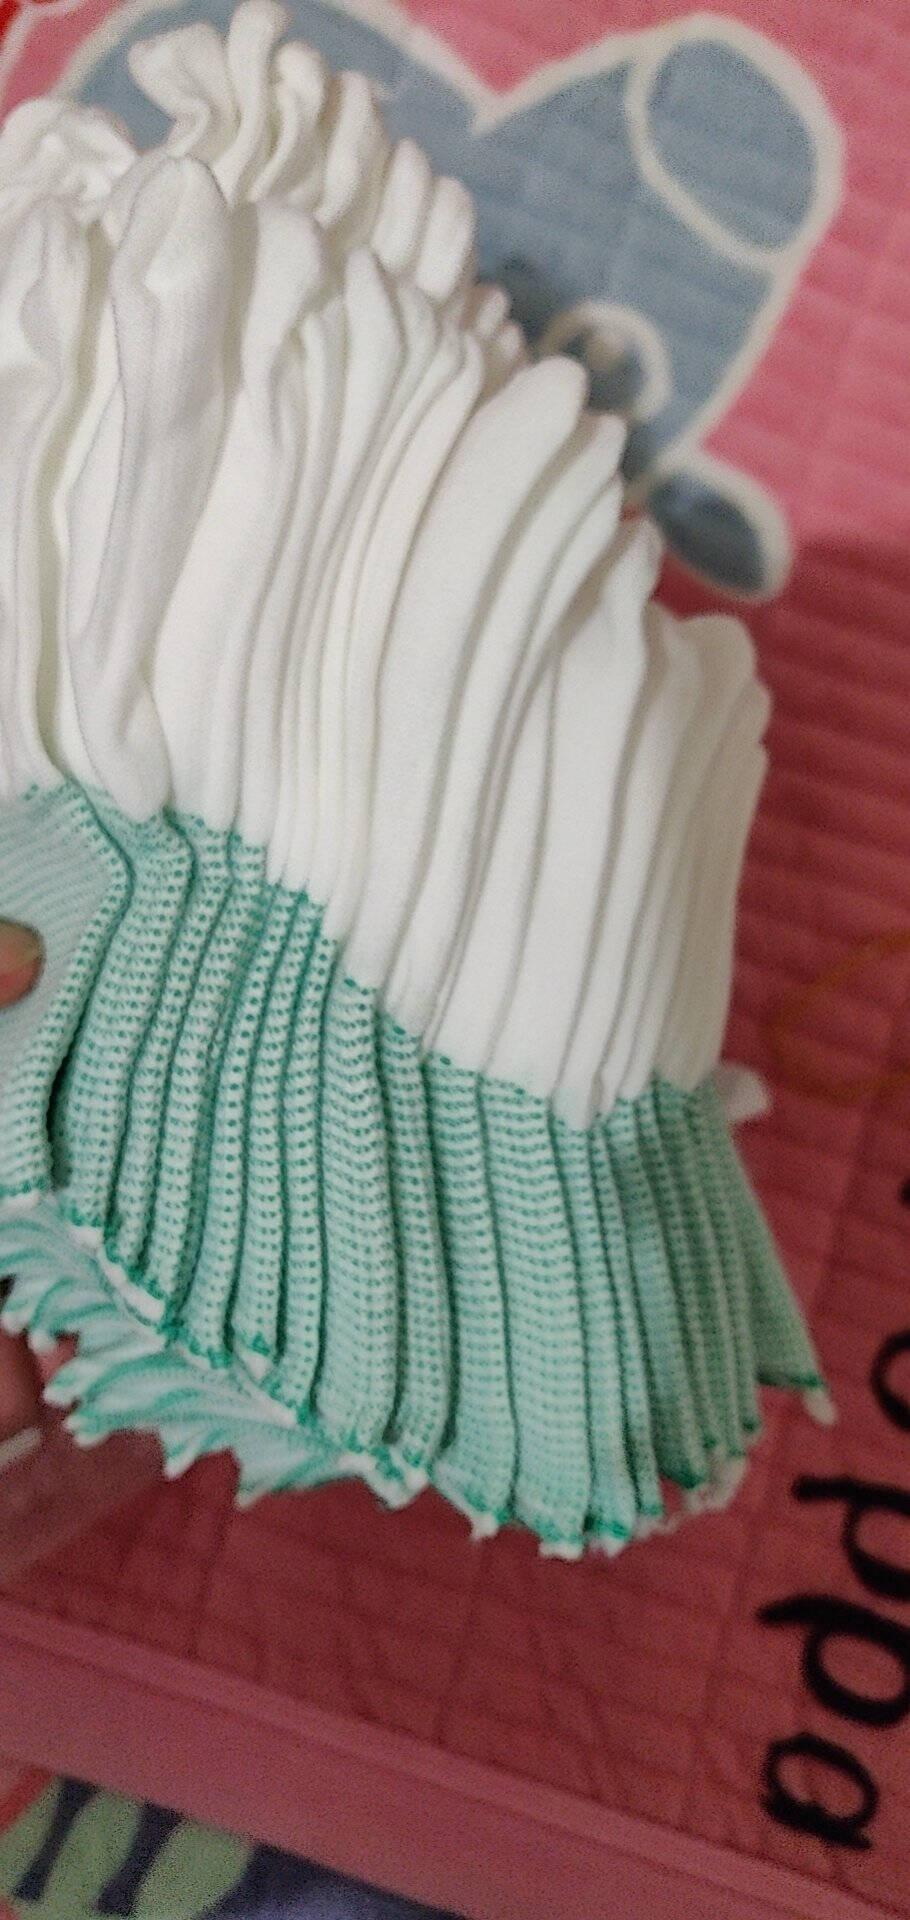 环川工作劳保手套耐磨透气盘珠文玩线手套涤纶舒适手套防滑男女工地工作干活手套手套小号S(白色边)10双